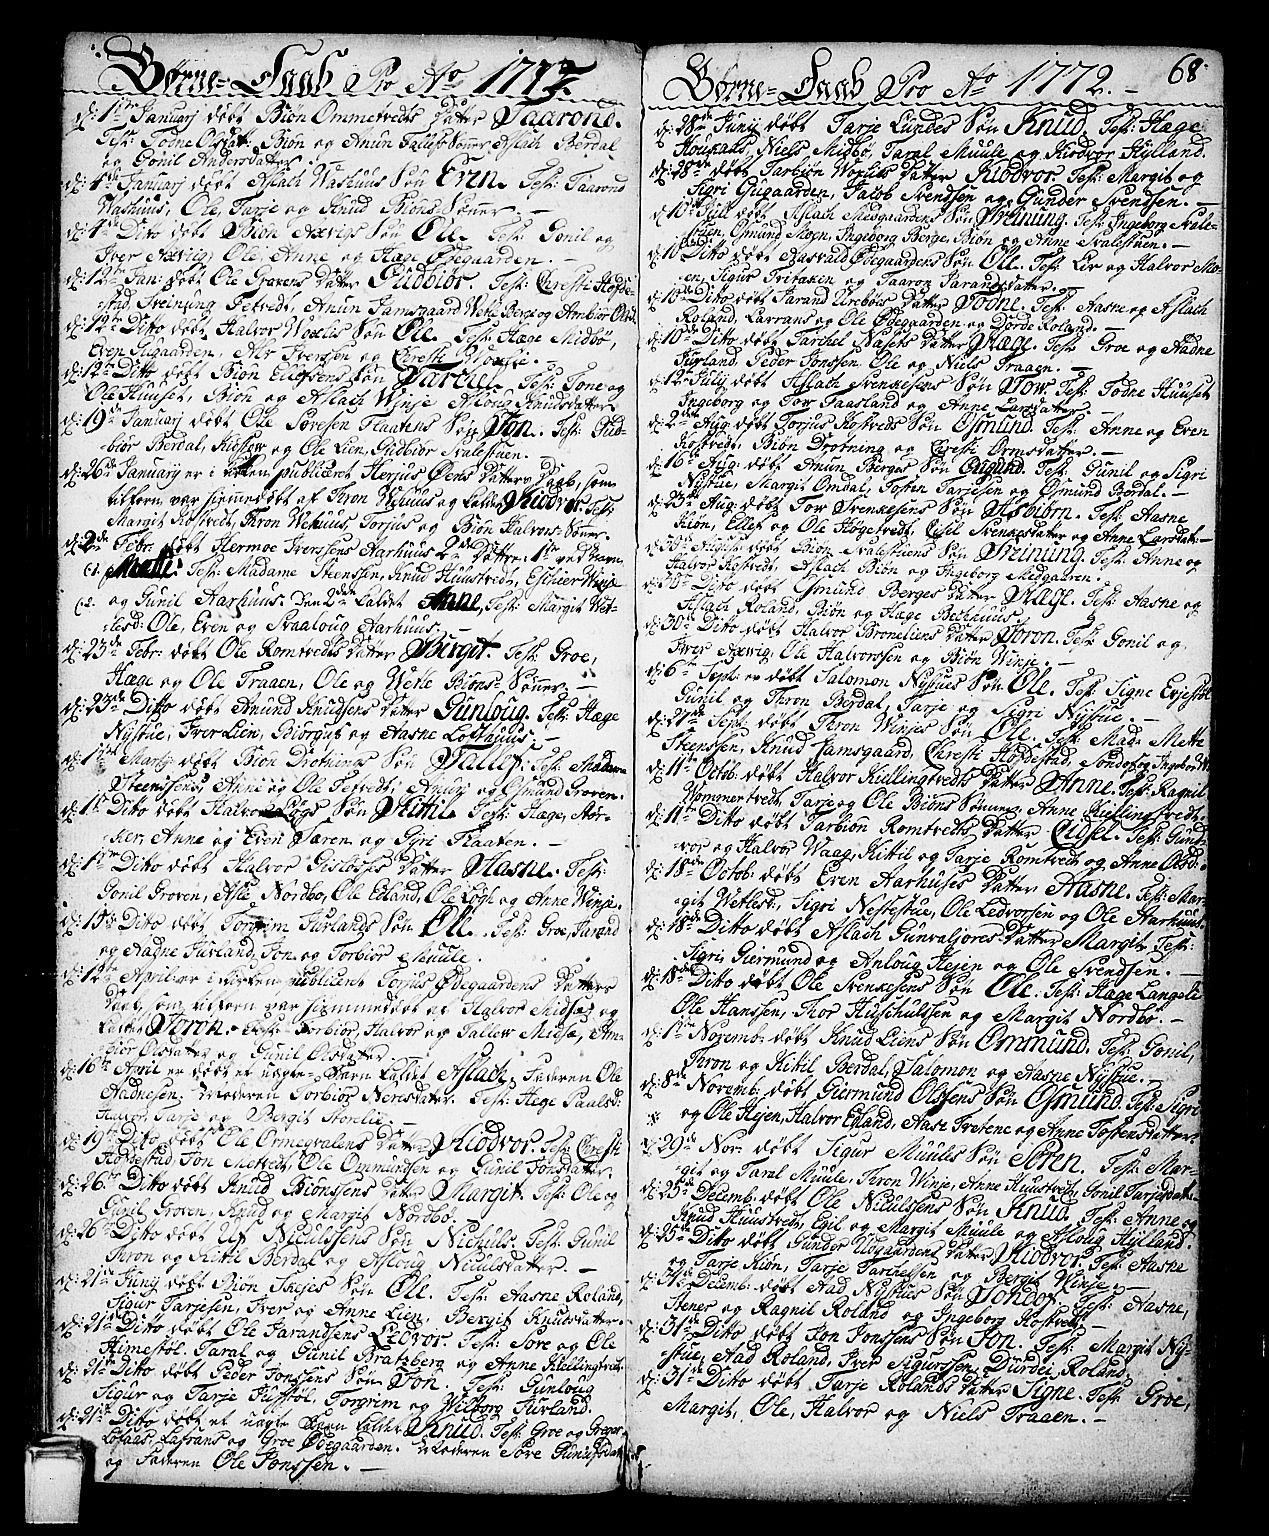 SAKO, Vinje kirkebøker, F/Fa/L0002: Ministerialbok nr. I 2, 1767-1814, s. 68